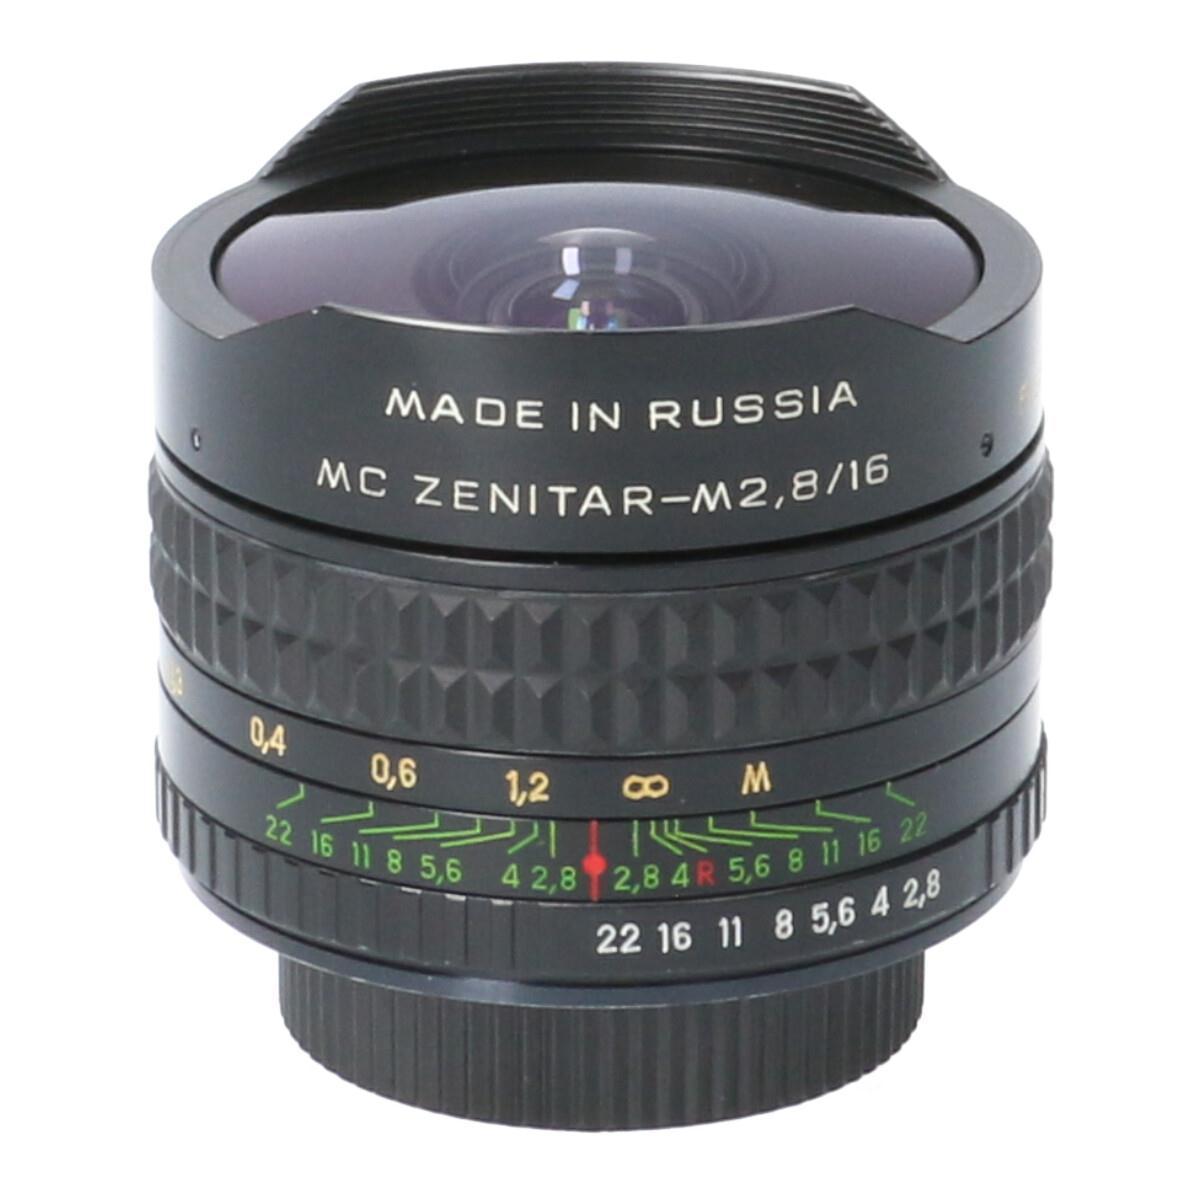 ZENIT MC ZENITAR 16mm F2.8(M42)【中古】